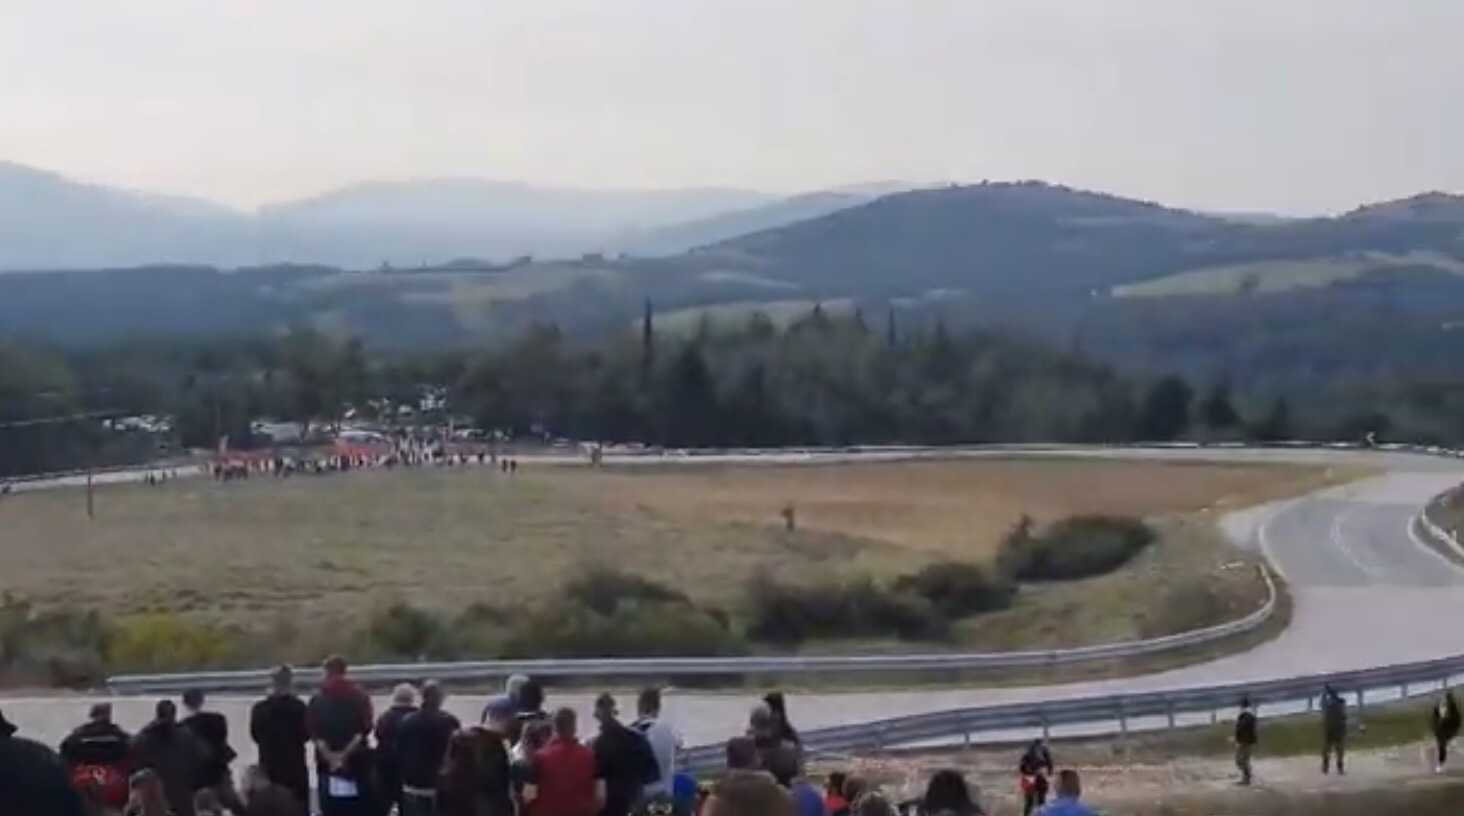 Τρομακτικό ατύχημα: Αγωνιστικό αυτοκίνητο αναποδογύρισε με μεγάλη ταχύτητα στην Ελασσόνα (Βίντεο)